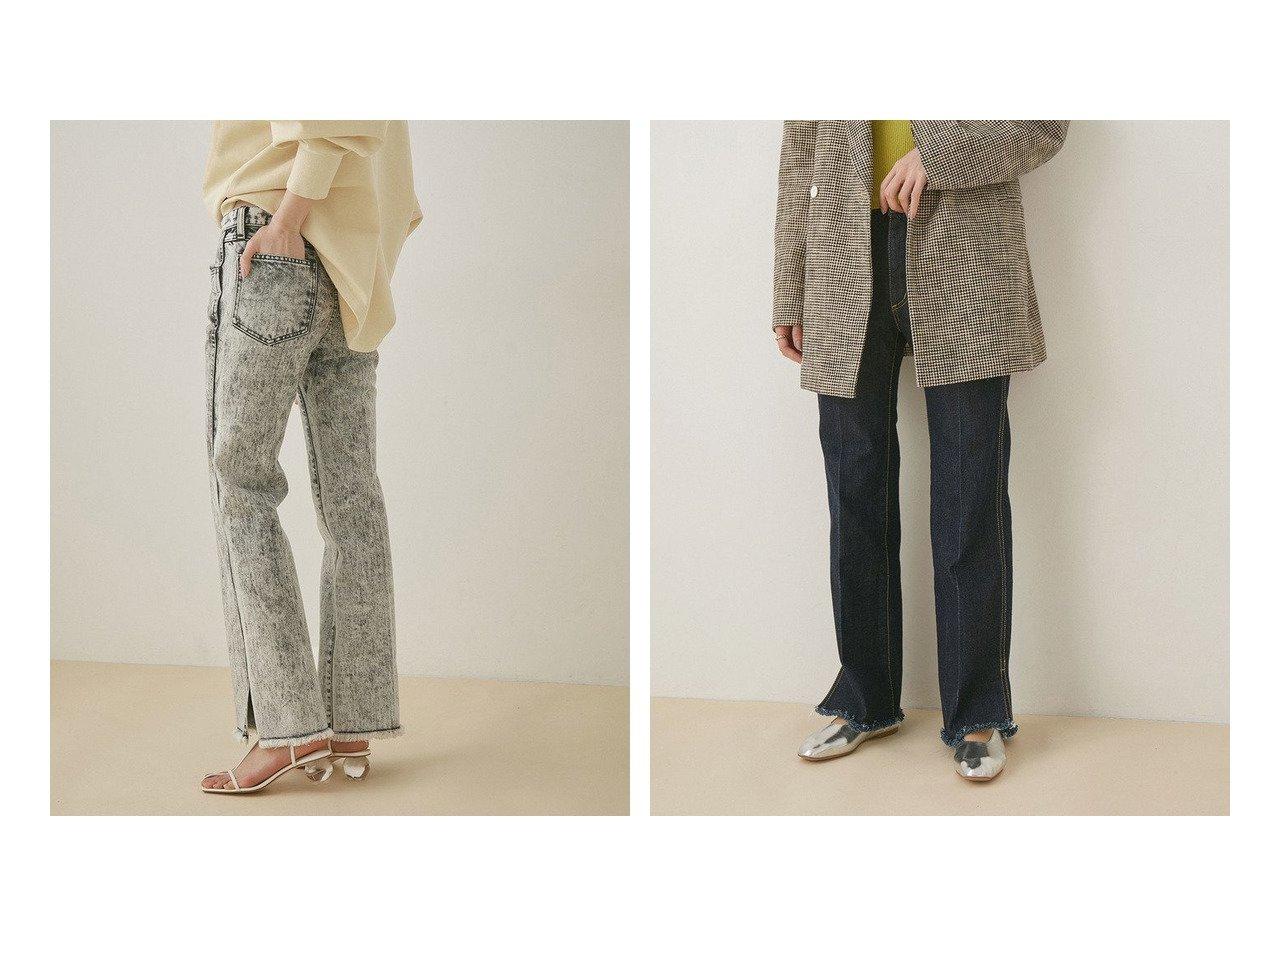 【ADAM ET ROPE'/アダム エ ロペ】の【セットアップ対応】センタープレスフレアデニム ROPEのおすすめ!人気、トレンド・レディースファッションの通販  おすすめで人気の流行・トレンド、ファッションの通販商品 メンズファッション・キッズファッション・インテリア・家具・レディースファッション・服の通販 founy(ファニー) https://founy.com/ ファッション Fashion レディースファッション WOMEN セットアップ Setup パンツ Pants パンツ Pants デニムパンツ Denim Pants 春 Spring 今季 ジャケット スウェット スリット セットアップ デニム フレア ブルゾン ポケット 2021年 2021 S/S 春夏 SS Spring/Summer 2021 春夏 S/S SS Spring/Summer 2021 NEW・新作・新着・新入荷 New Arrivals |ID:crp329100000017830